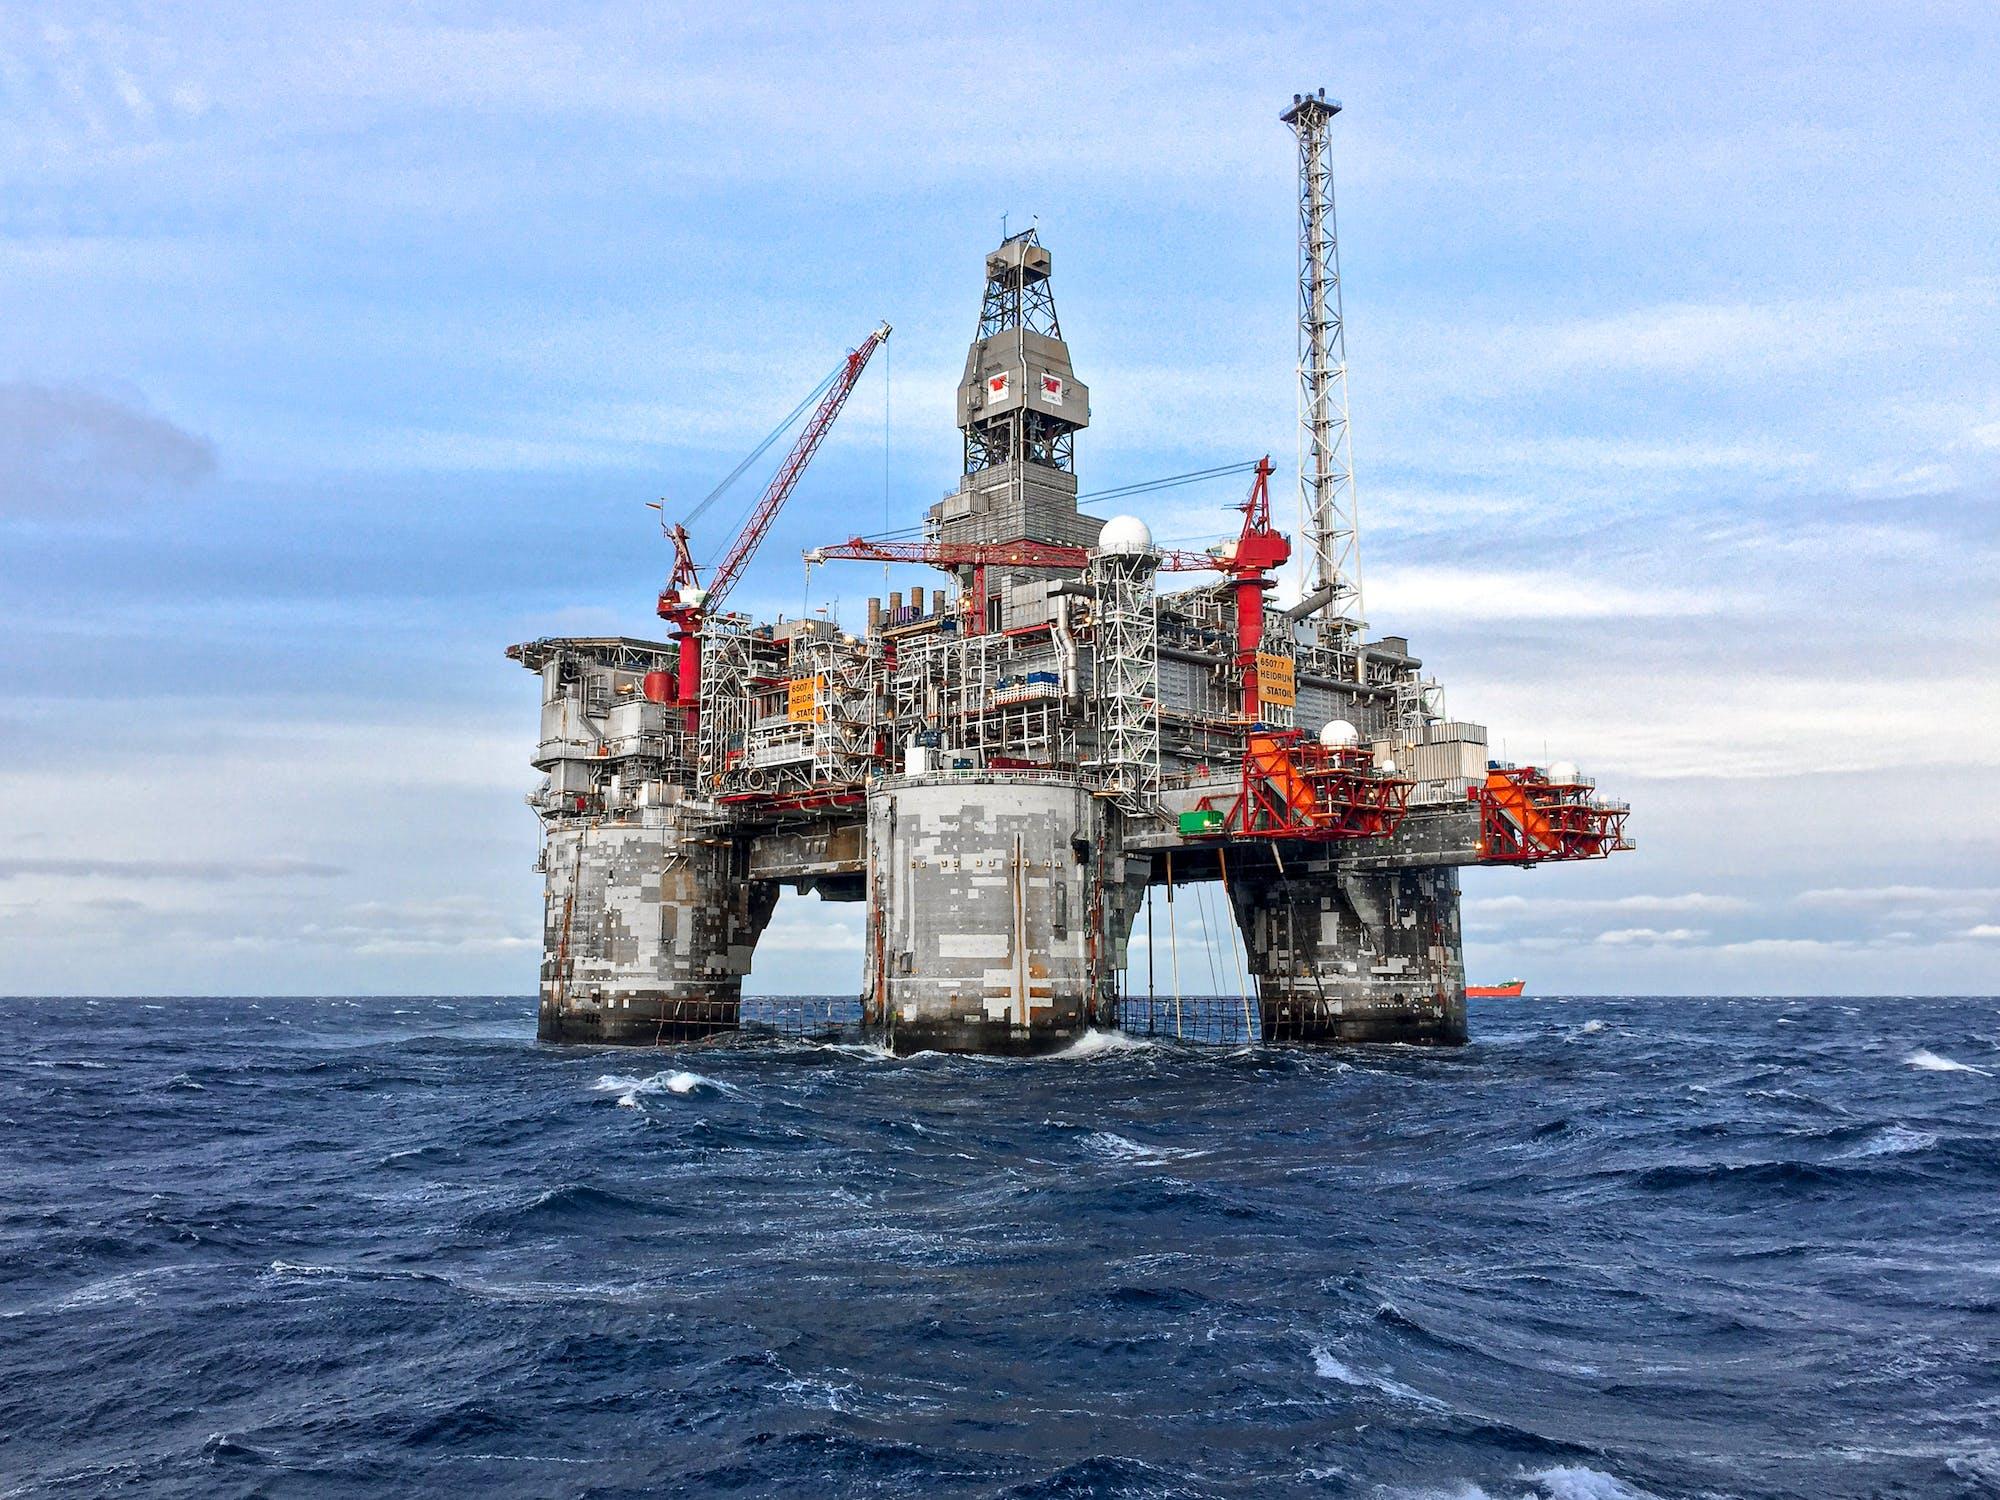 Oil industry needs 0 billion to avoid future supply crises, says Moody's